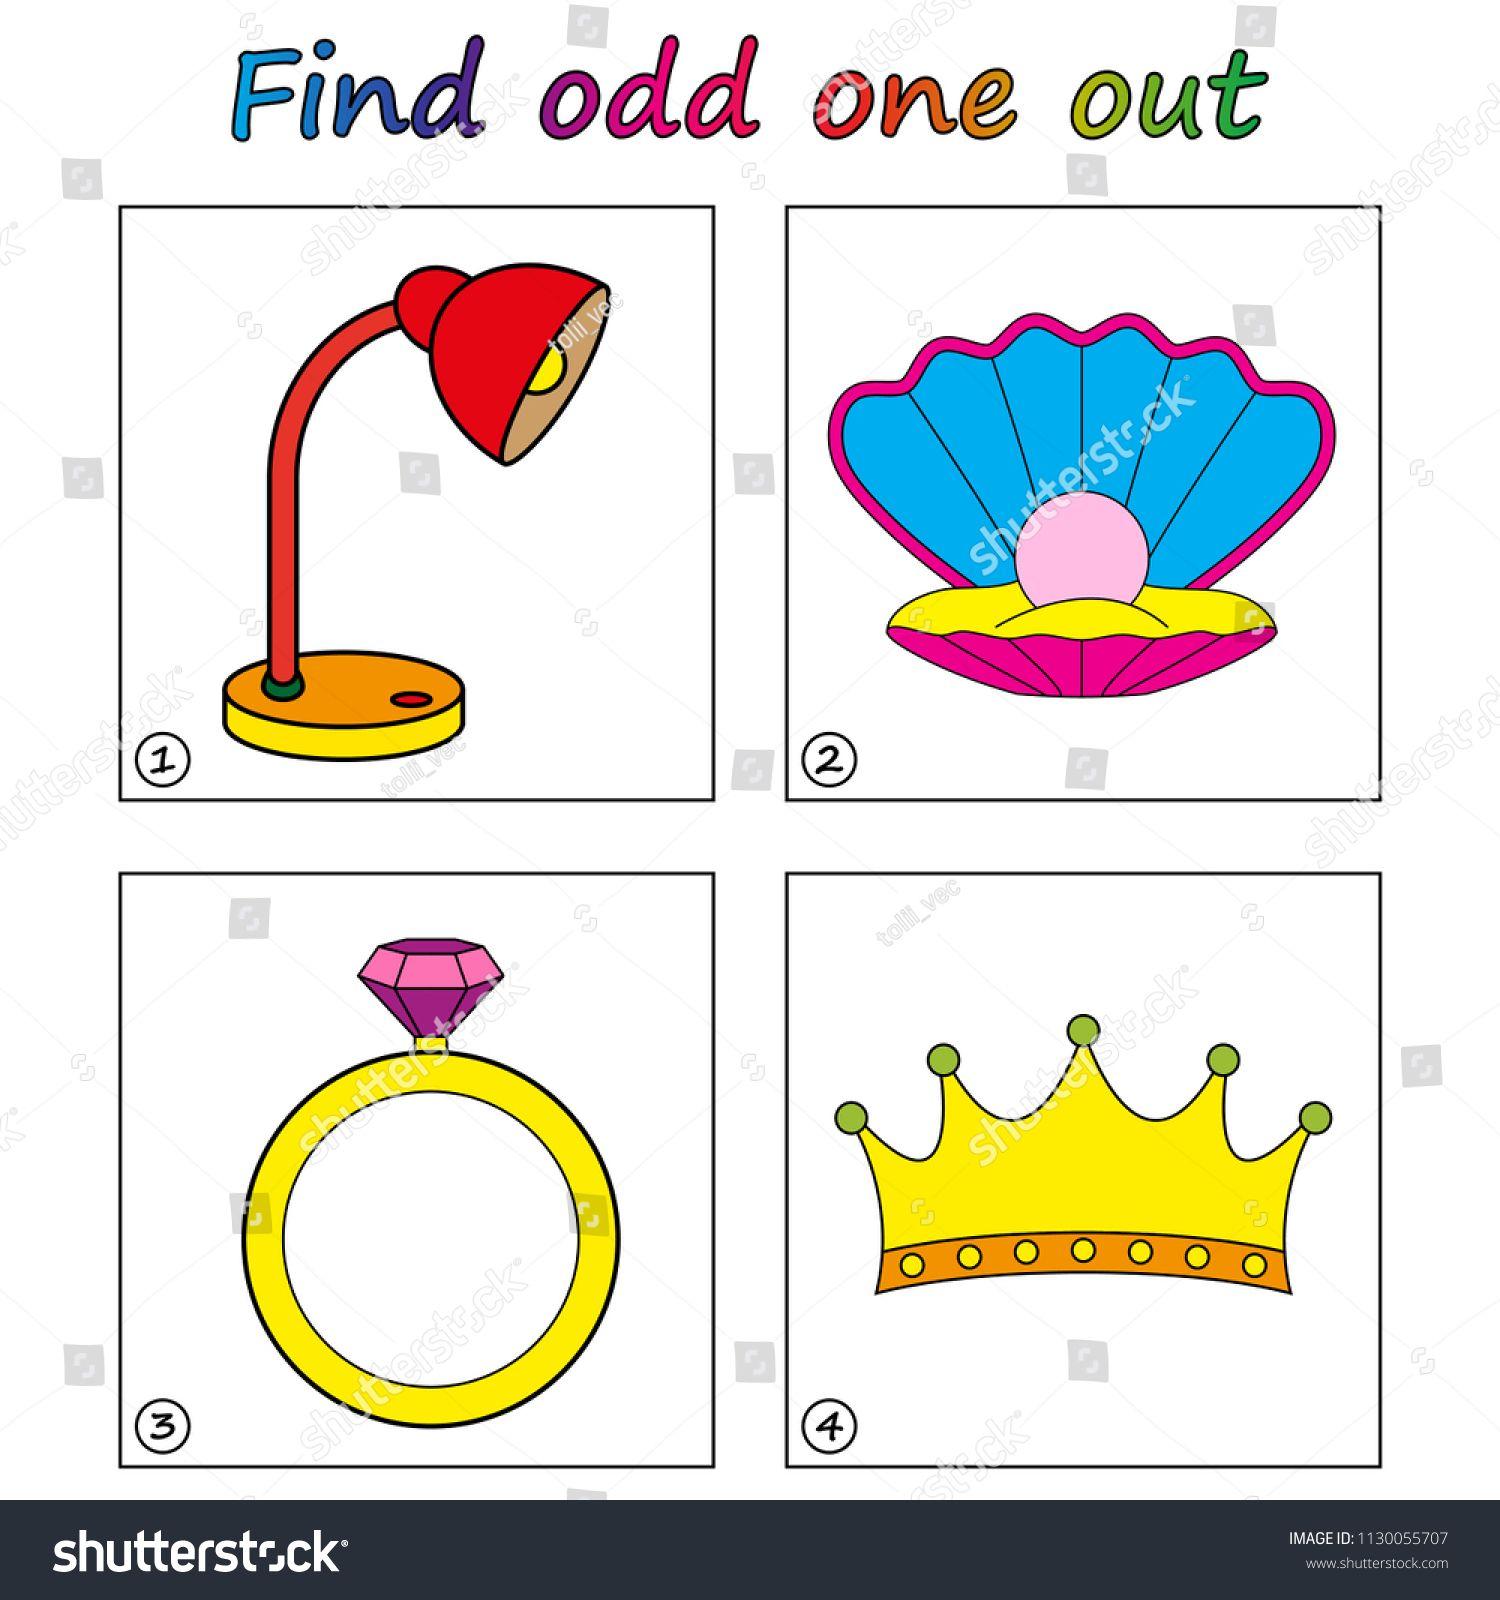 Odd One Out Worksheet For Lkg